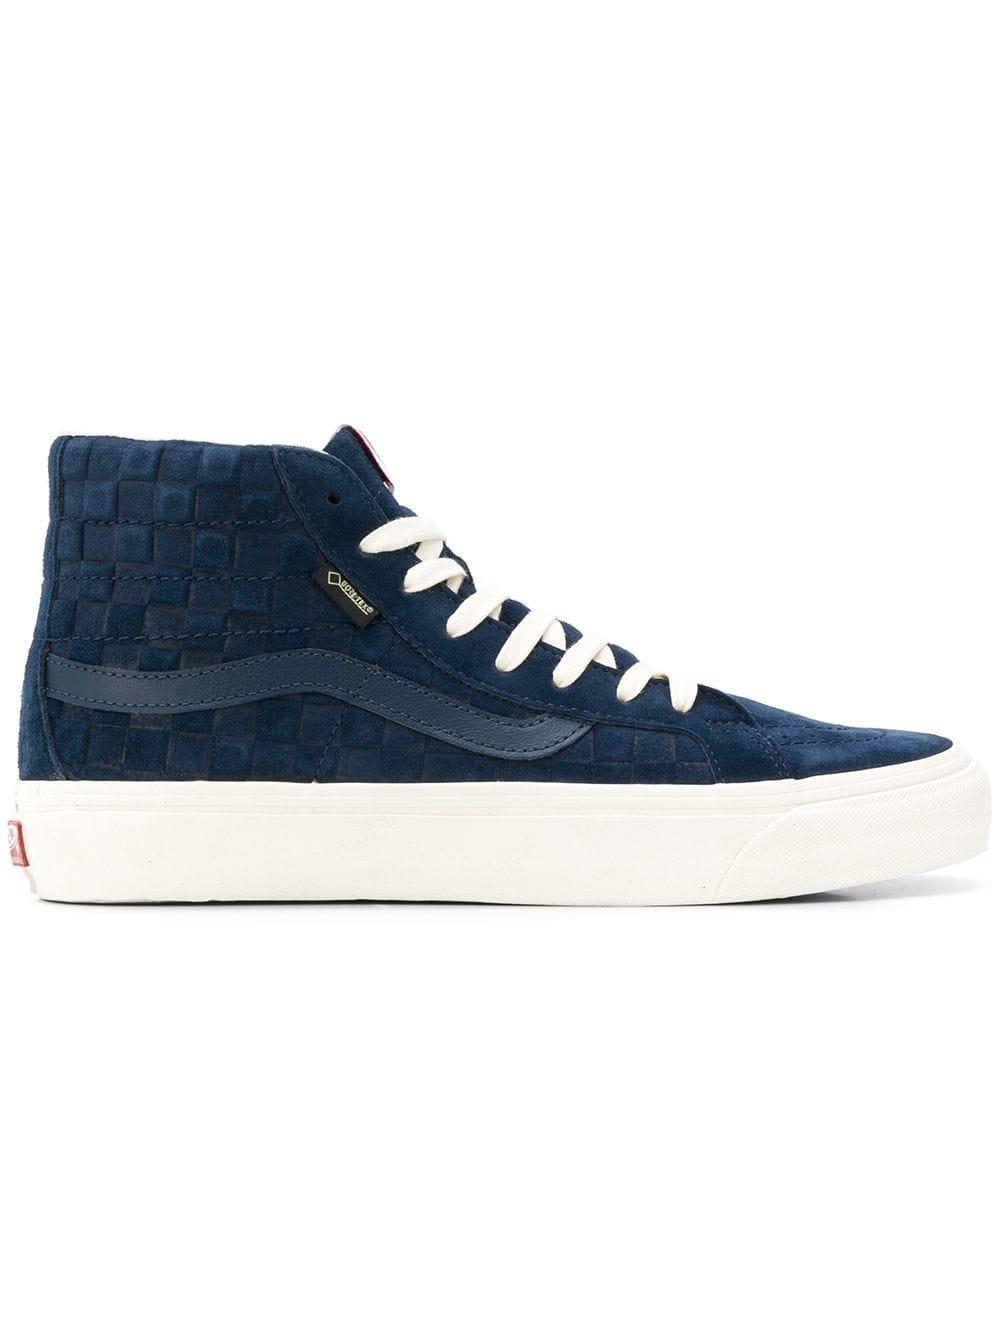 060b89b9752ac0 Vans SK8 hi-top sneakers (blauw)